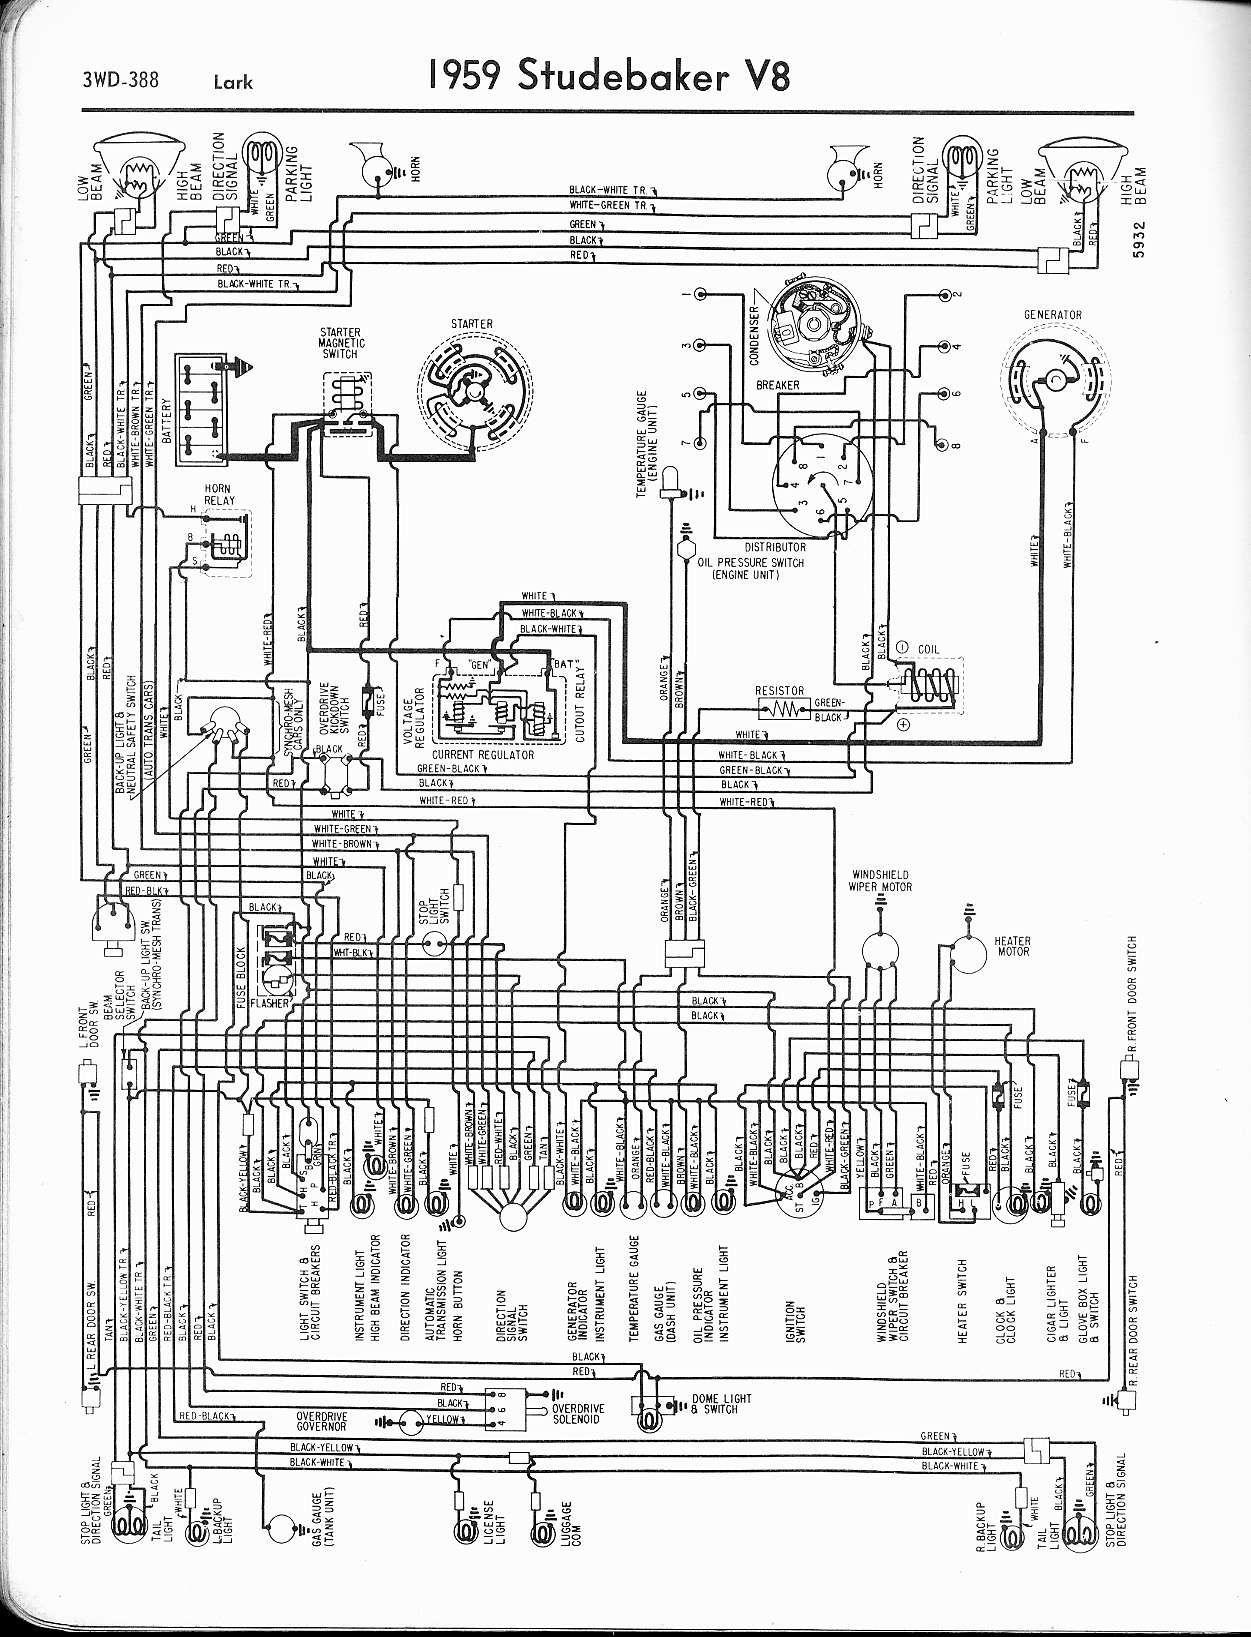 1950 Studebaker Champion Wiring Diagram / Diagram 1950